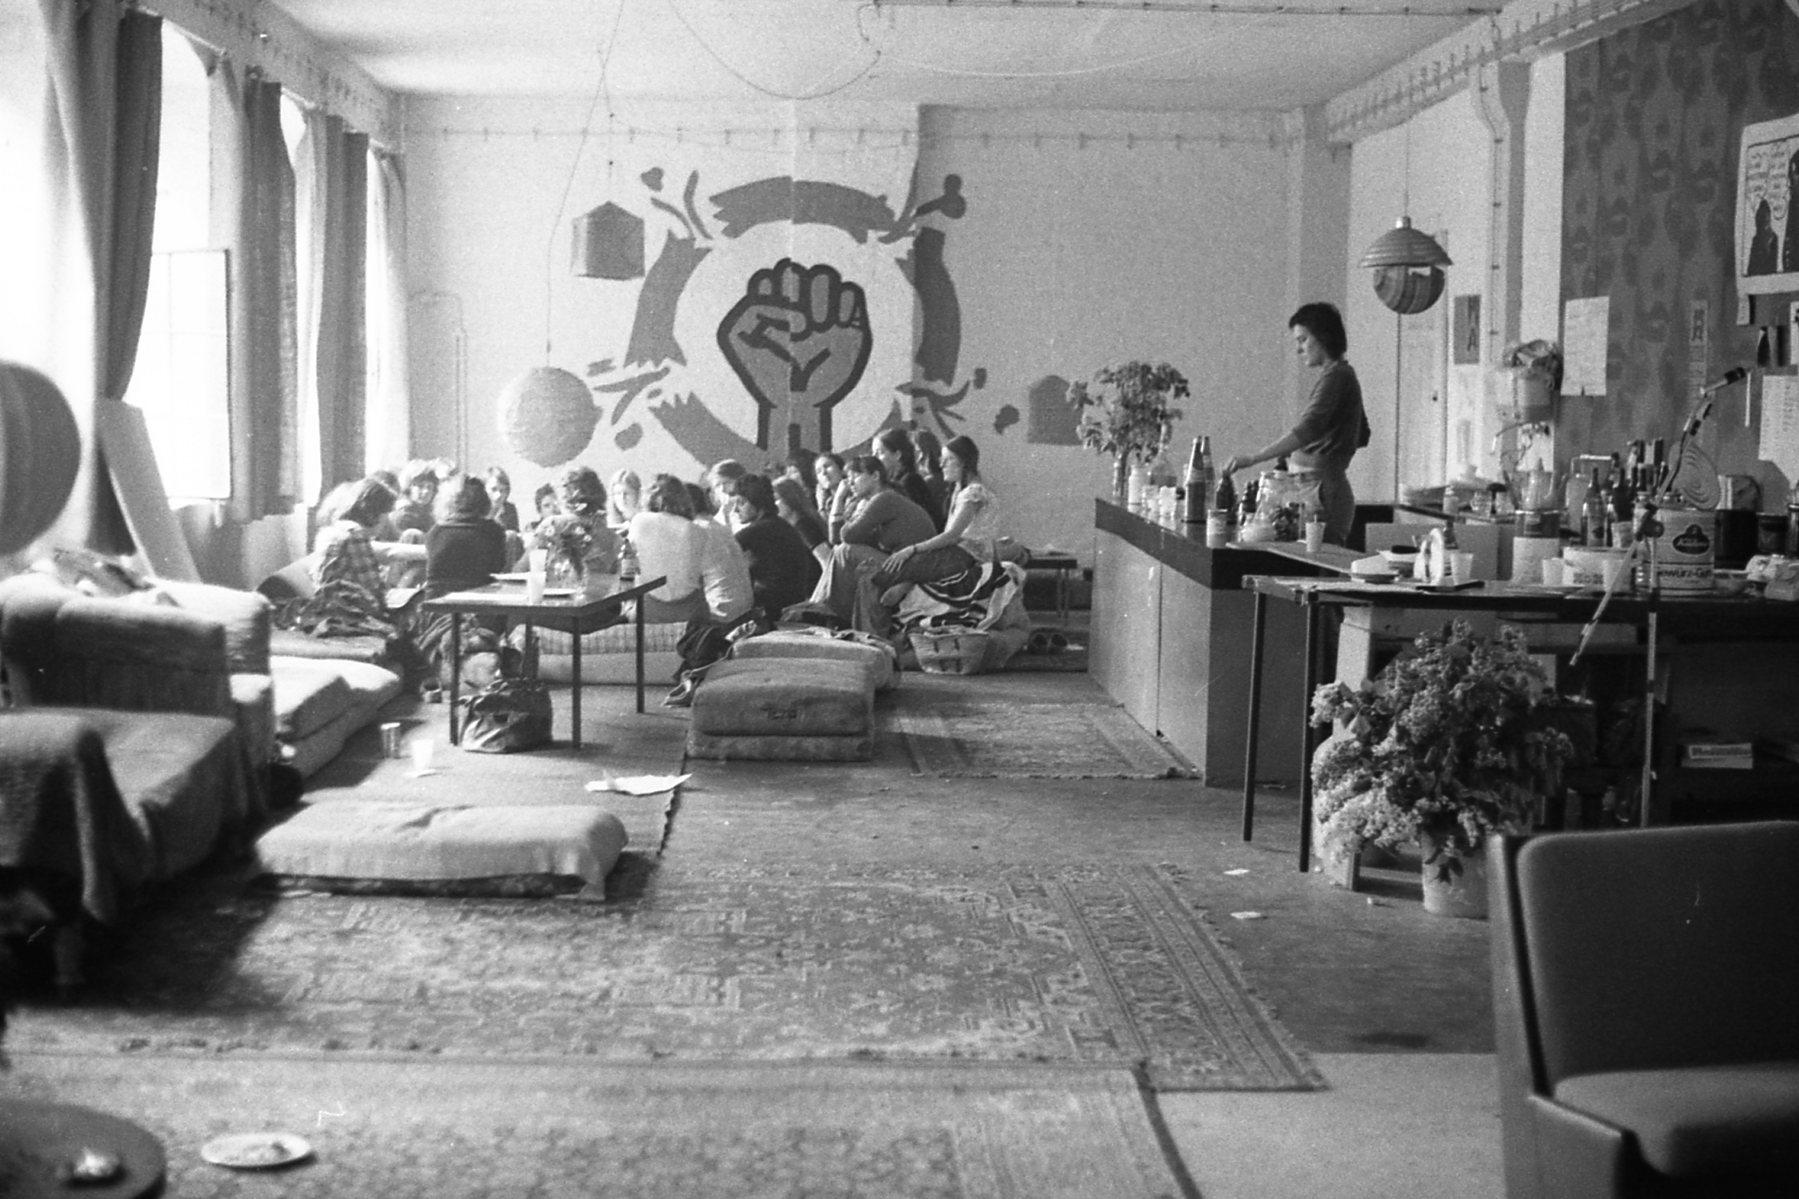 Schwarz-Weiß Fotografie des Gruppentreffen im LAZ, Kulmerstraße, Berlin-Schöneberg, 1975. Auf dem Foto ist eine Bar mit einer Person dahinter auf er rechten Bildseite zu sehen. Auf der linken Bildseite sitzt eine Gruppe von Personen zusammen. Auf der rückliegenden Wand ist eine übergroße, geballte Faus aufgemalt, die den Kreis sprengt, in dem sie sich befindet.